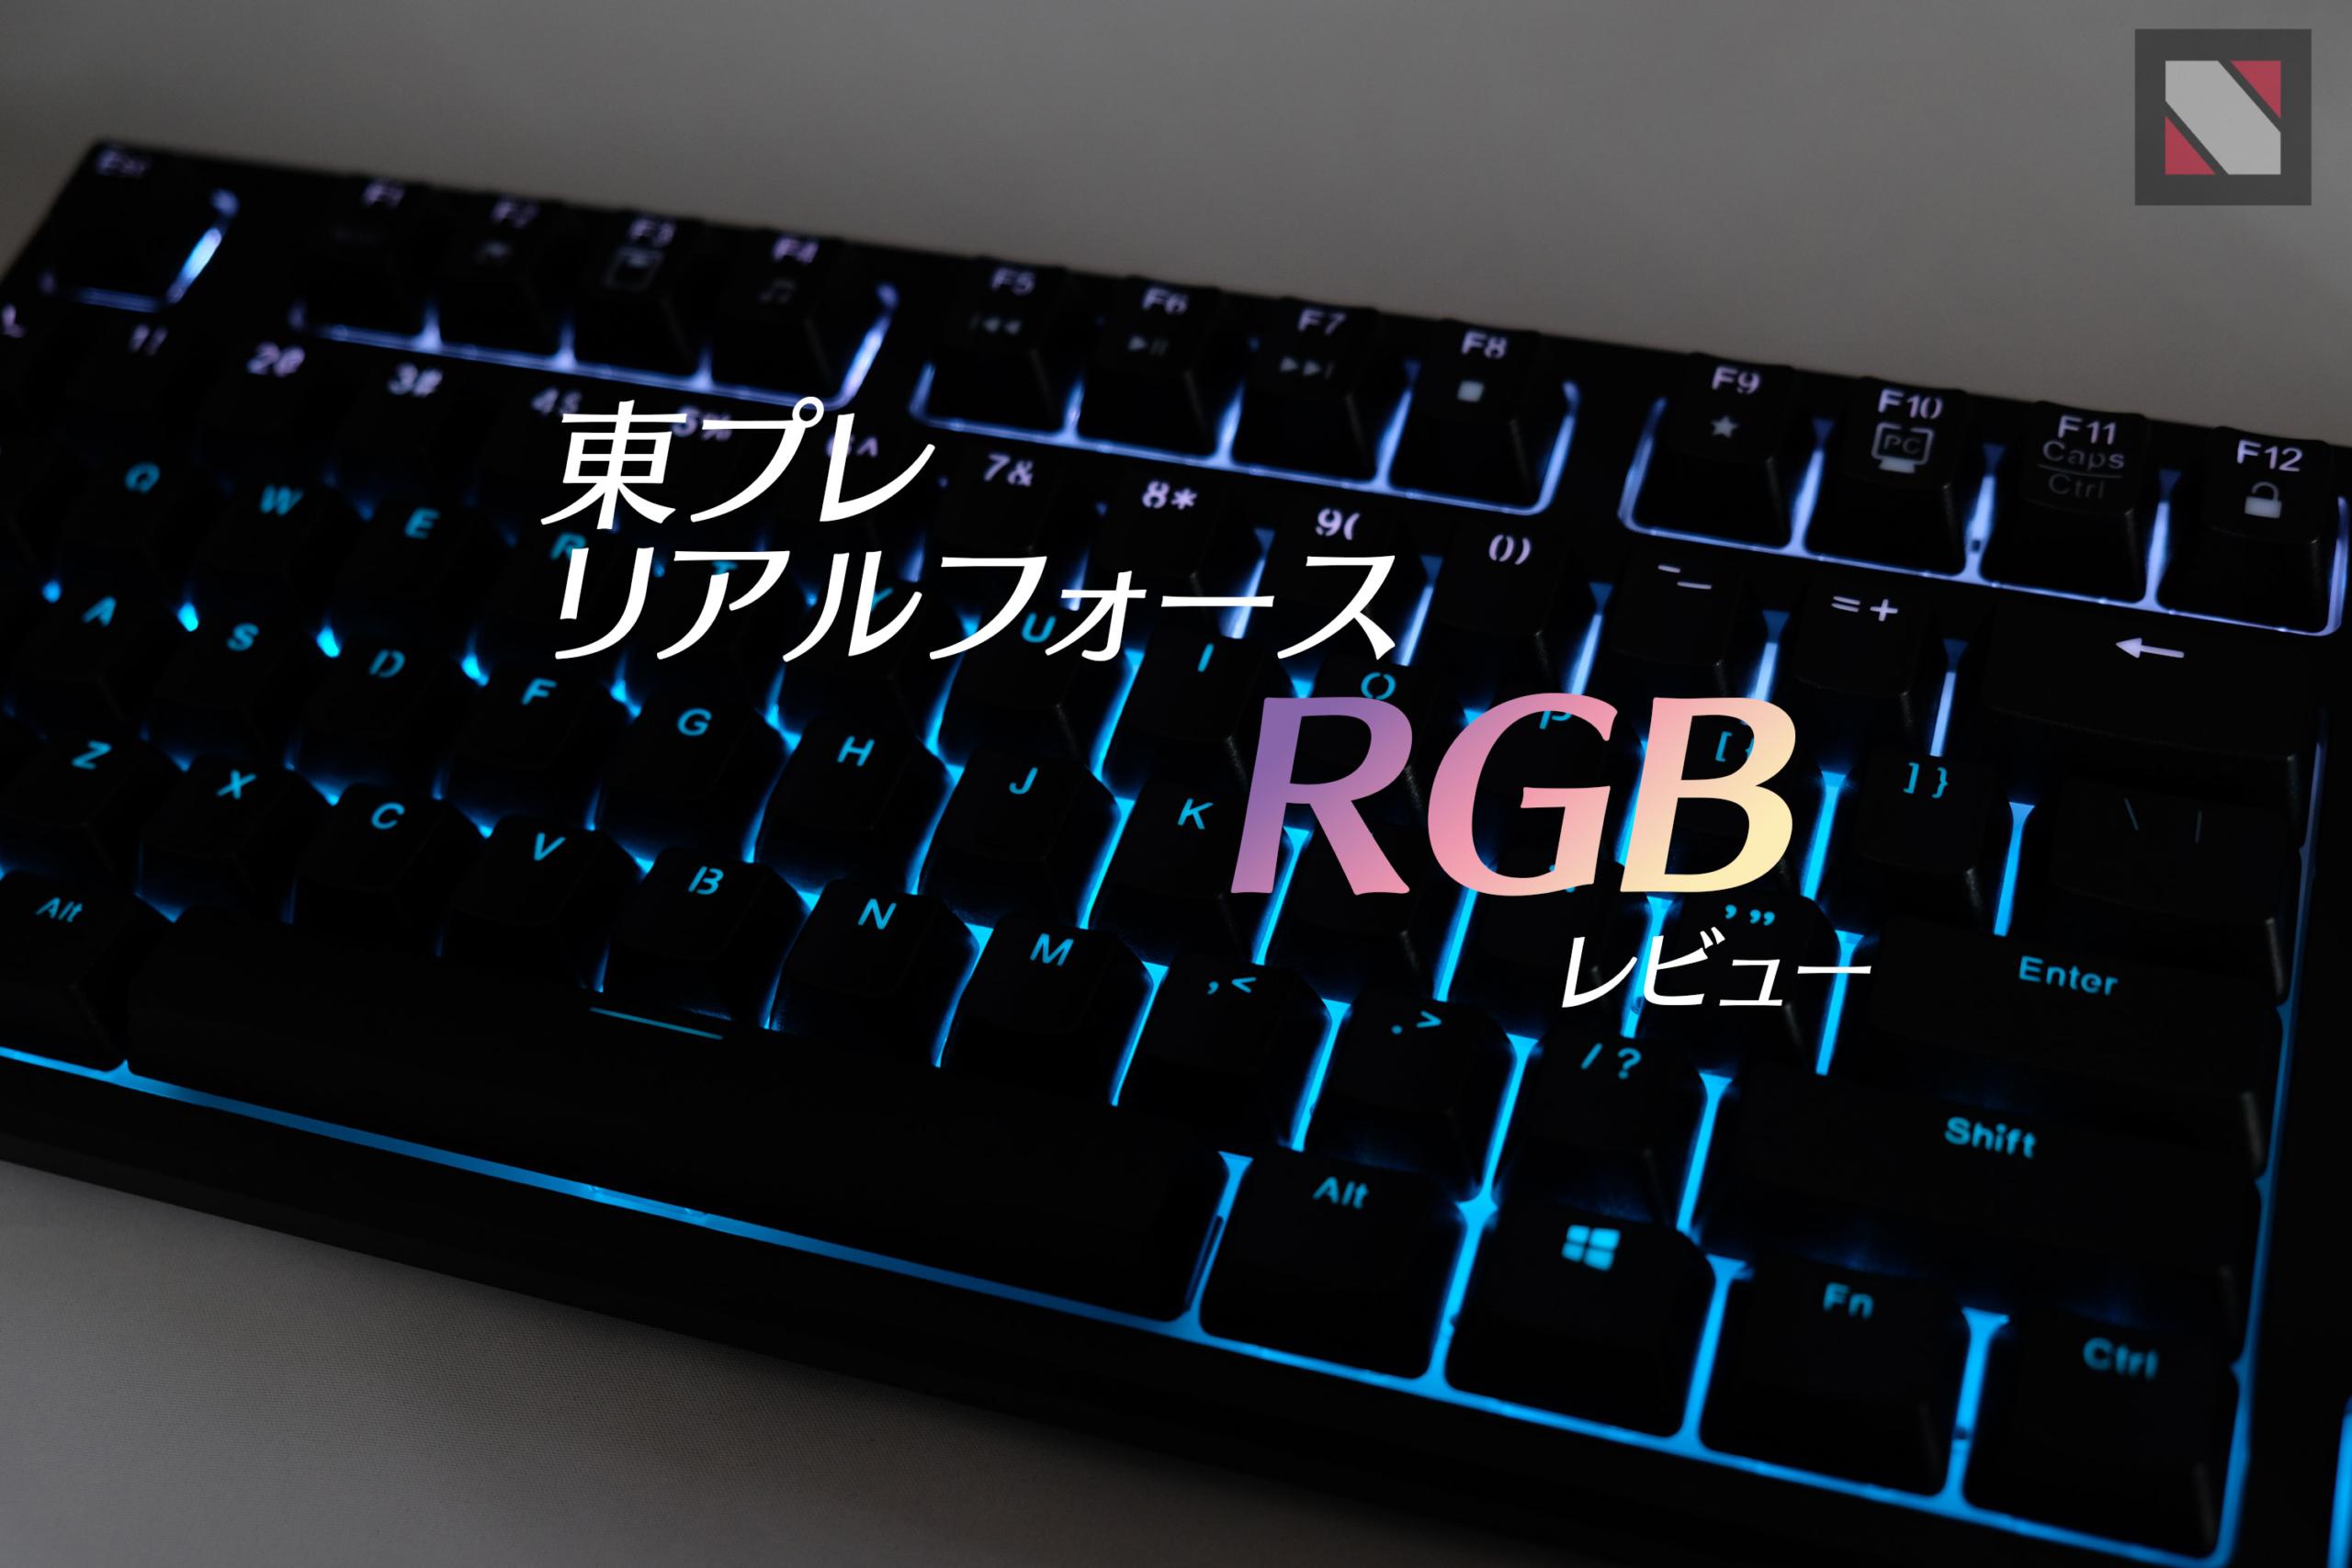 仕事もゲームも万能なキーボード「東プレ リアルフォース RGB TKL」レビュー